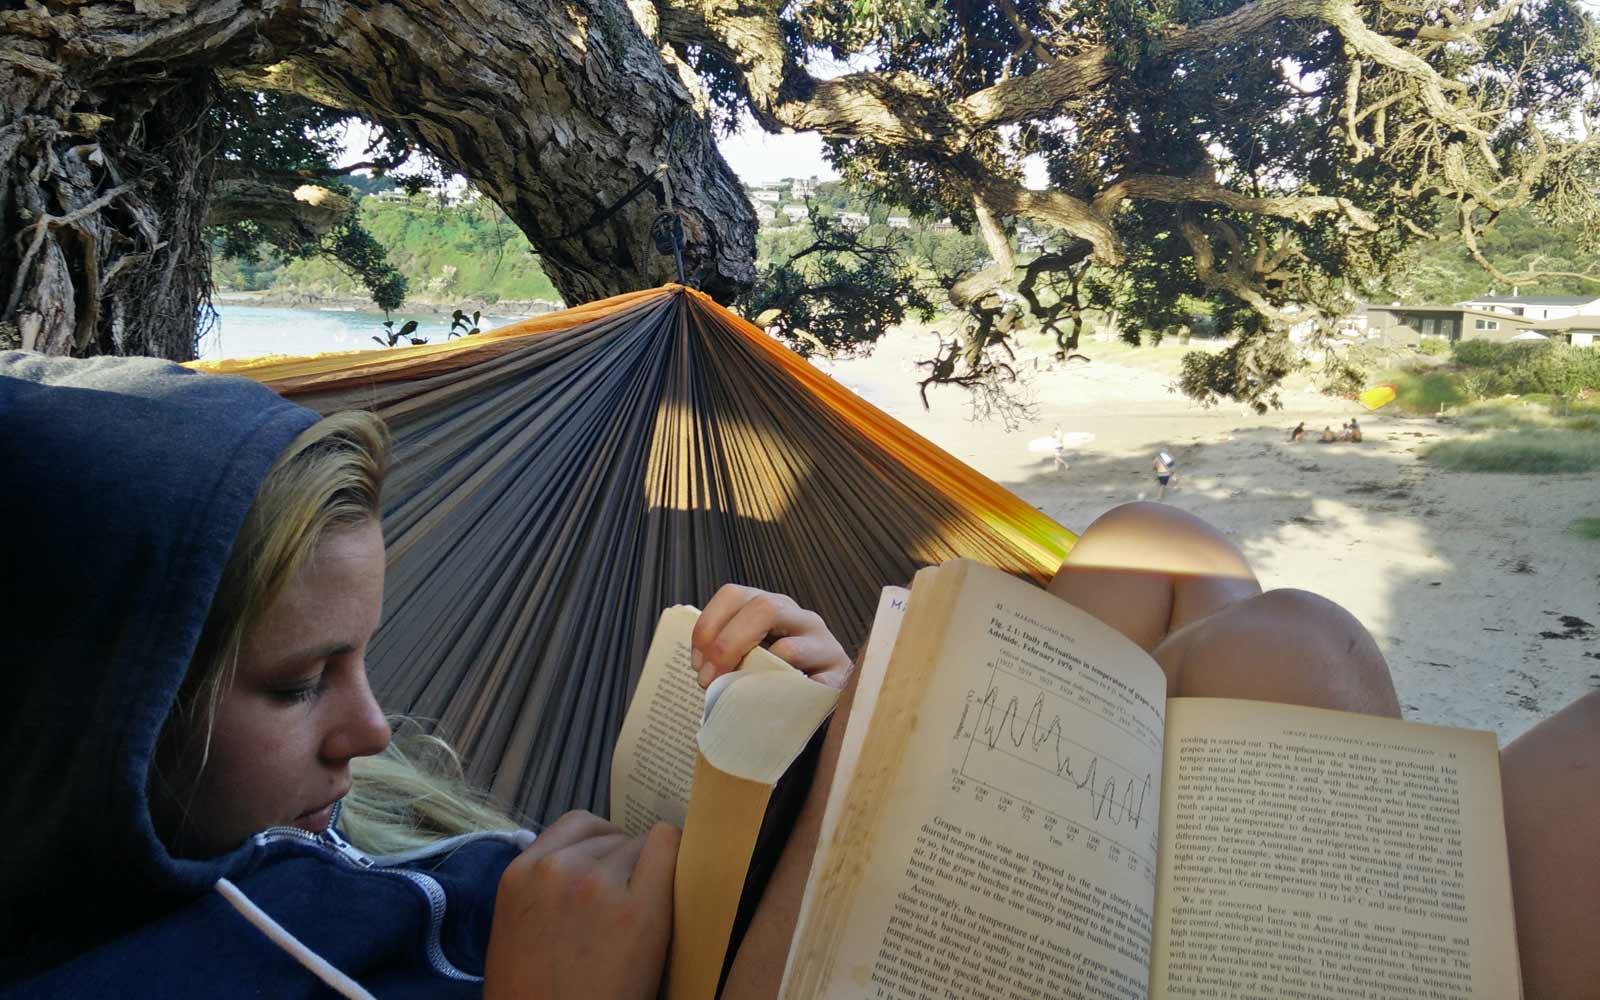 Annie liest ein Buch in einer Hängematte am Strand in Neuseeland